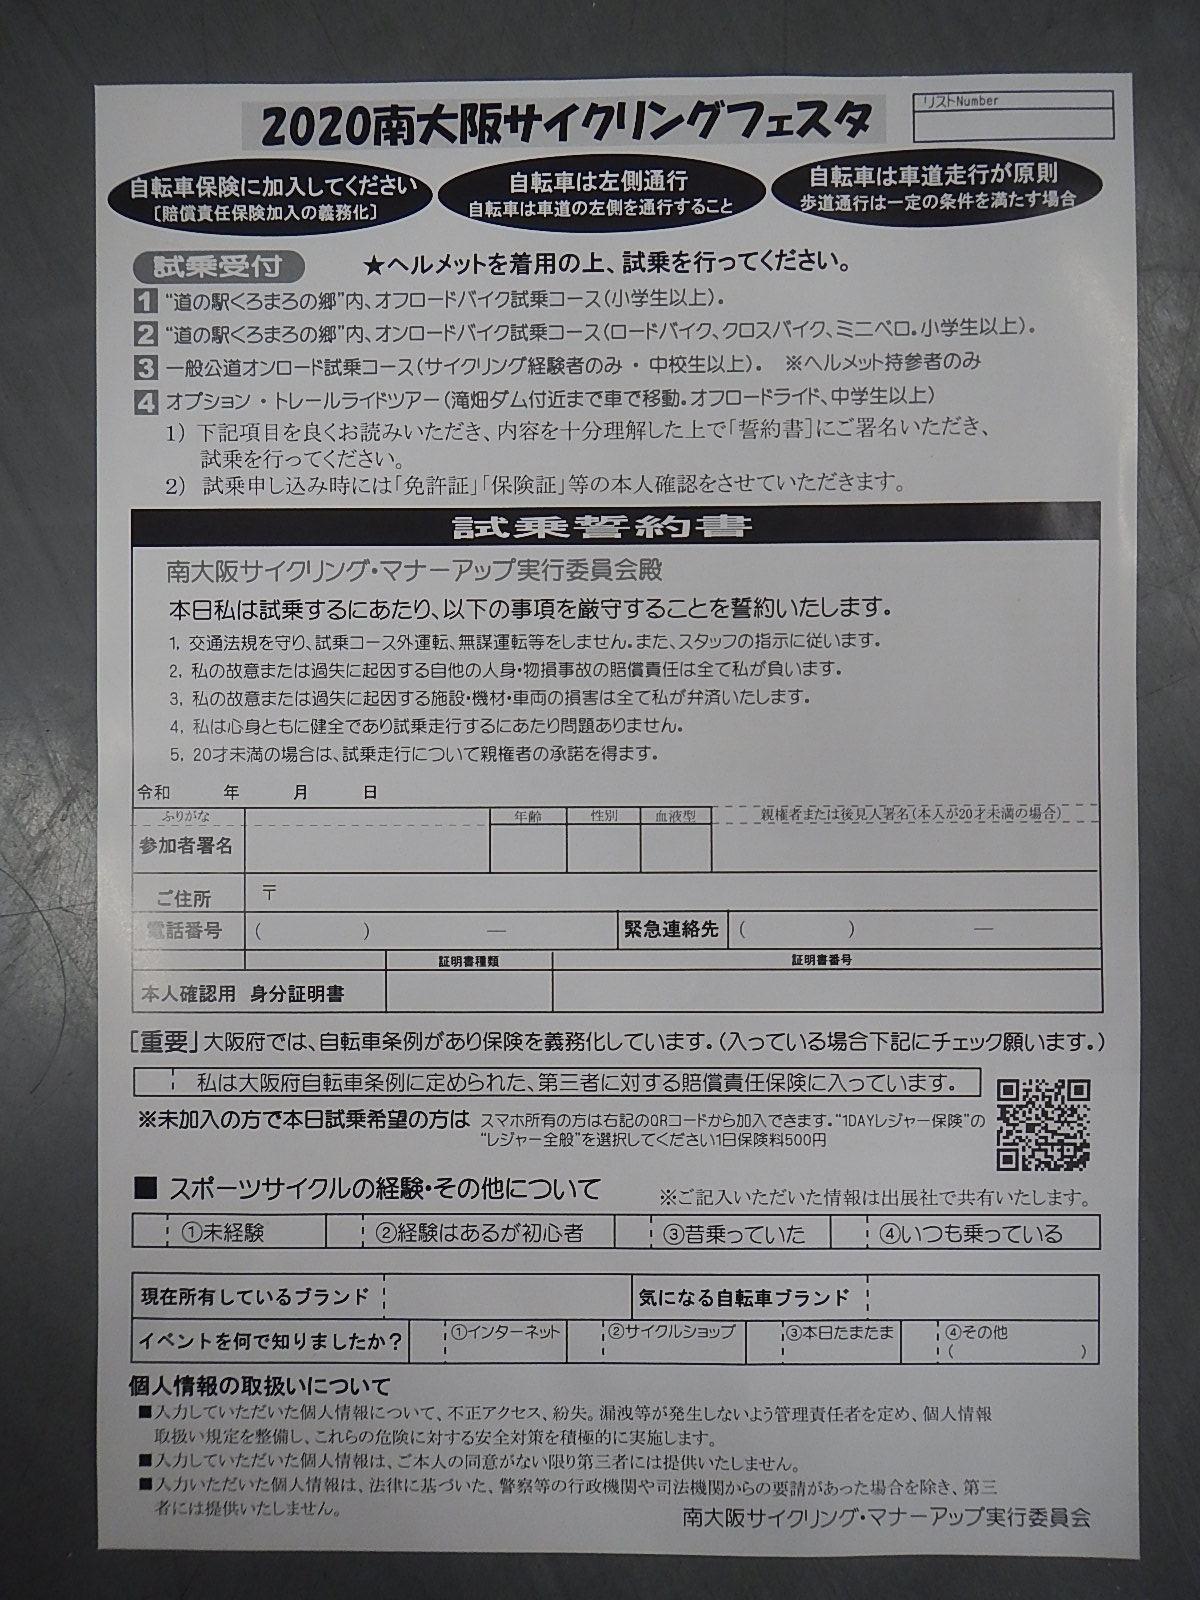 2020 南大阪サイクリングフェスタに出展します!(改定)_a0386742_13243796.jpg